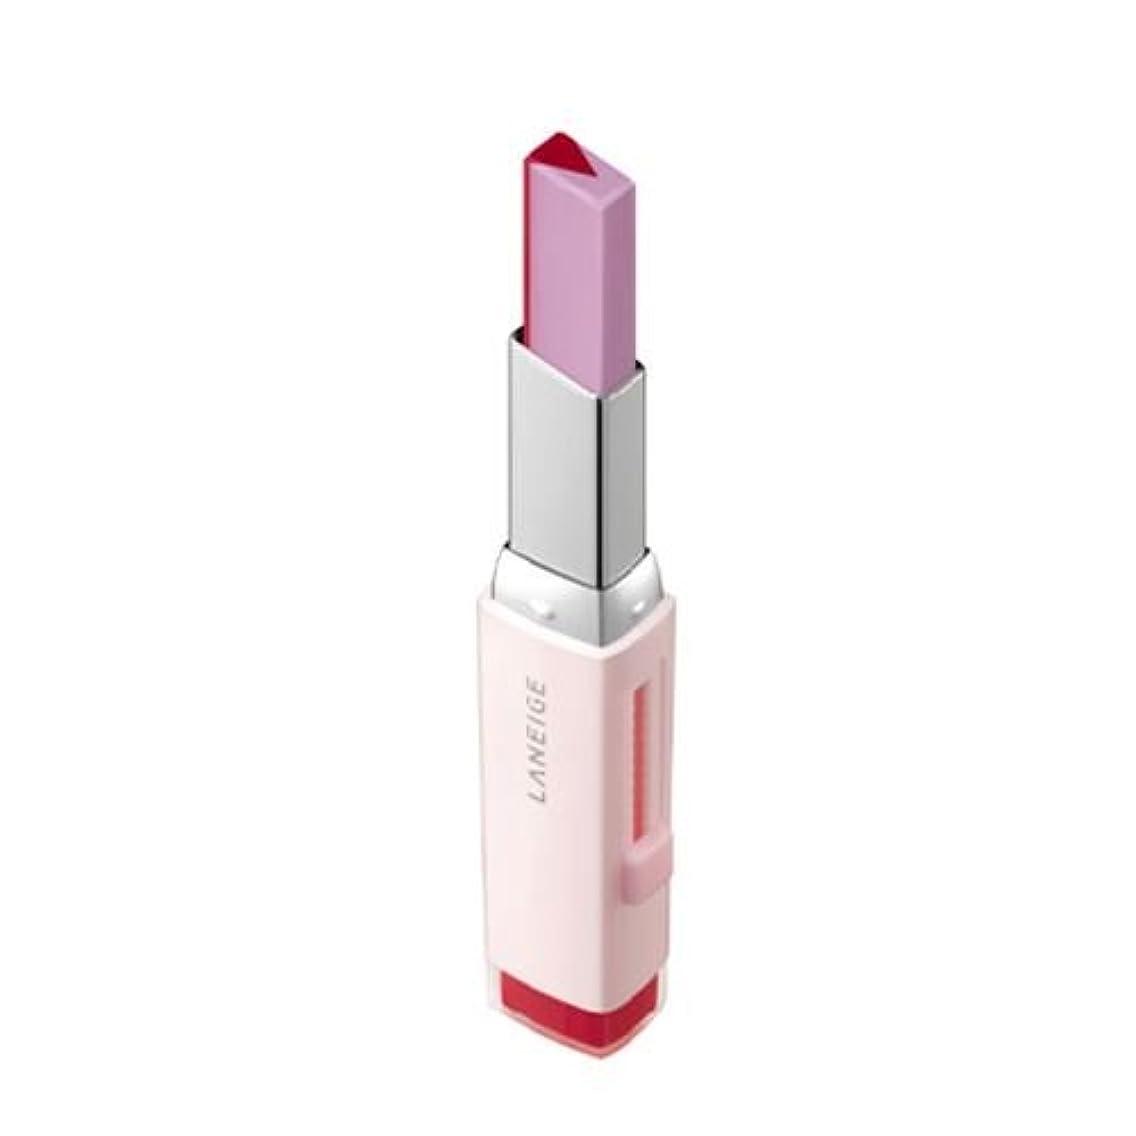 絶妙コモランマペチコート[New] LANEIGE Two Tone Tint Lip Bar 2g/ラネージュ ツー トーン ティント リップ バー 2g (#07 Lollipop Red) [並行輸入品]